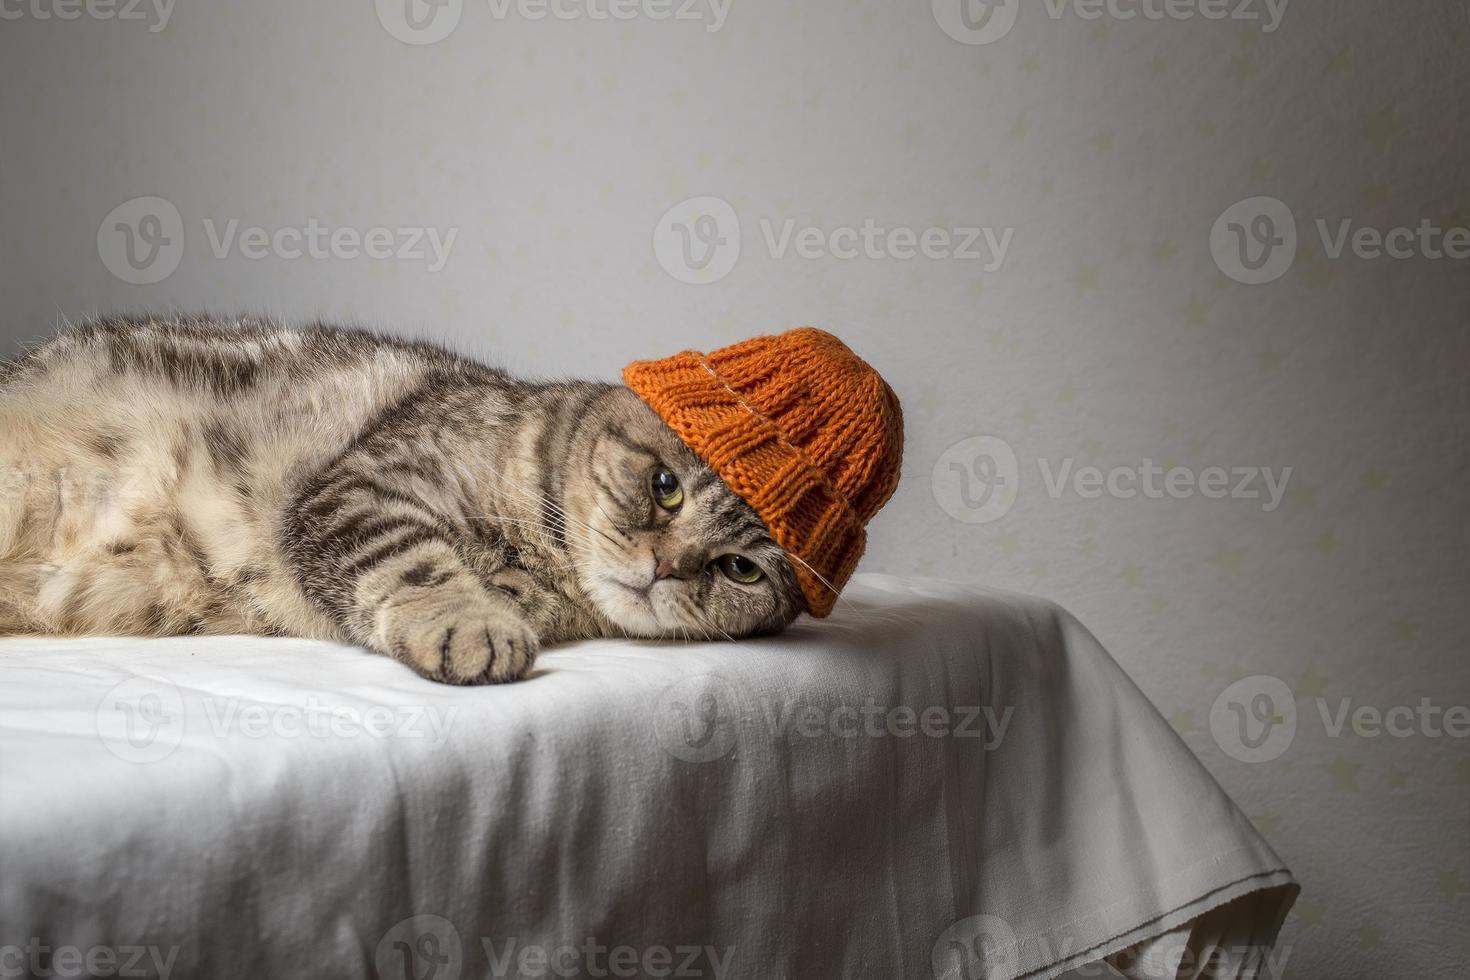 gato pliegue escocés gris con un divertido sombrero de invierno naranja foto